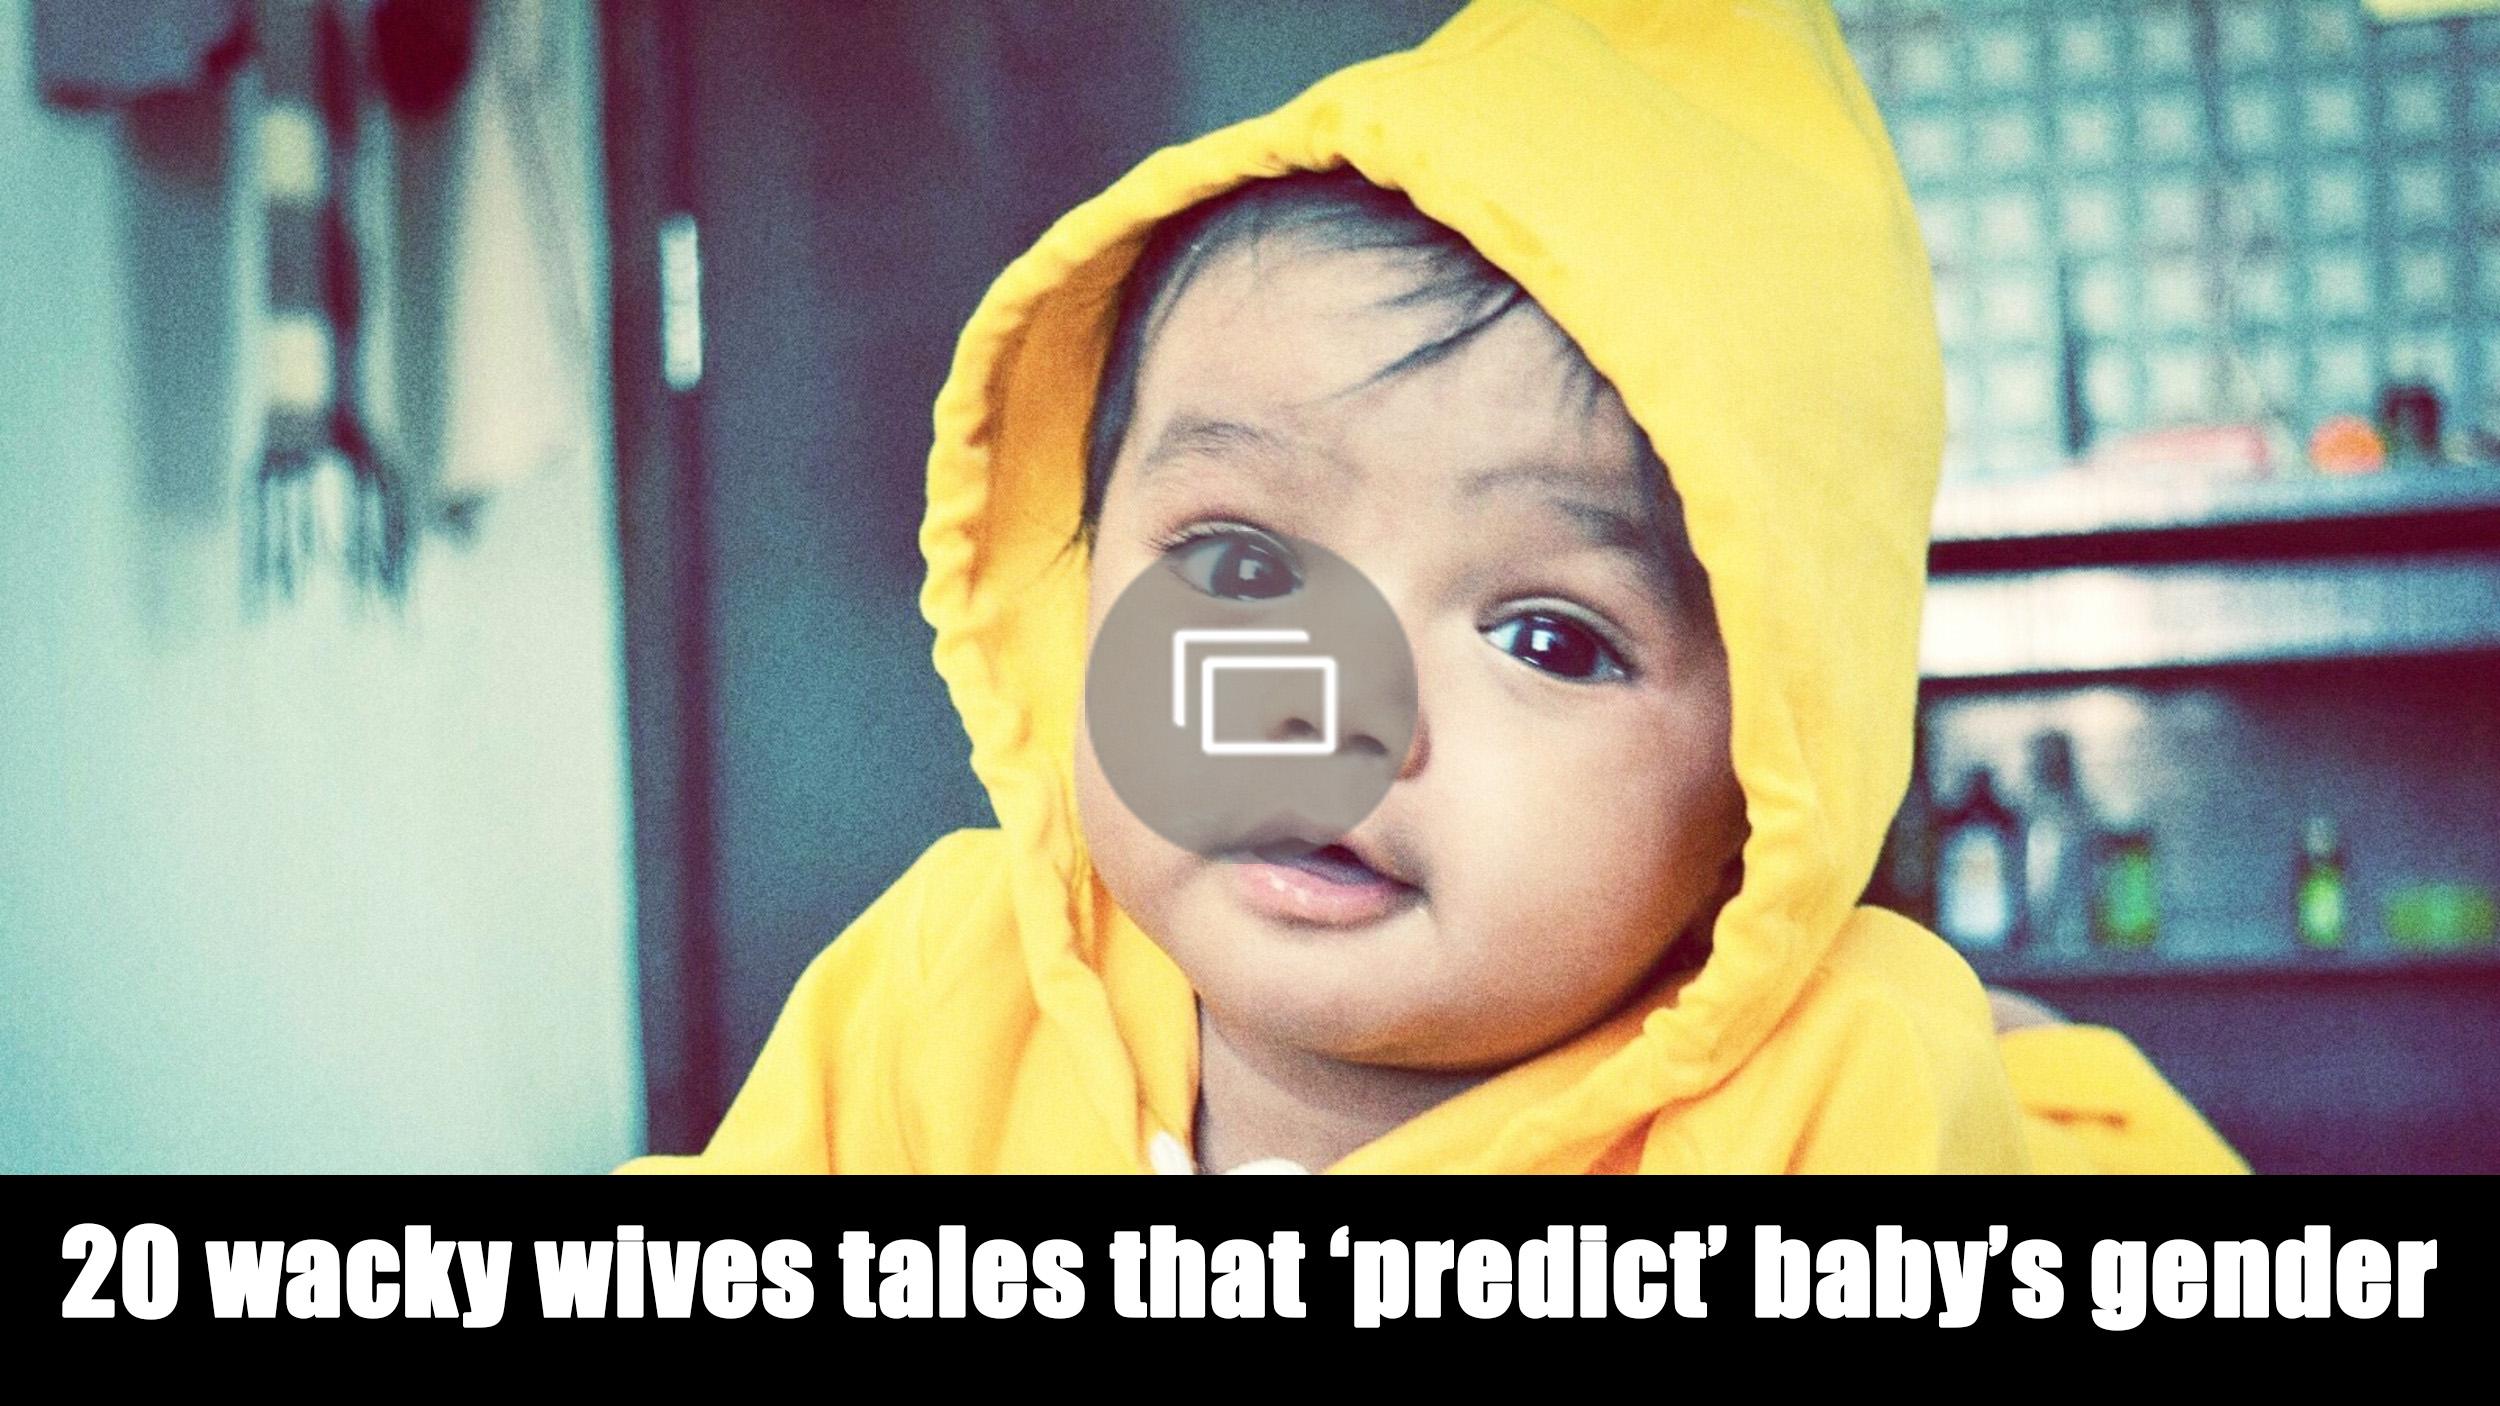 baby gender wives tales